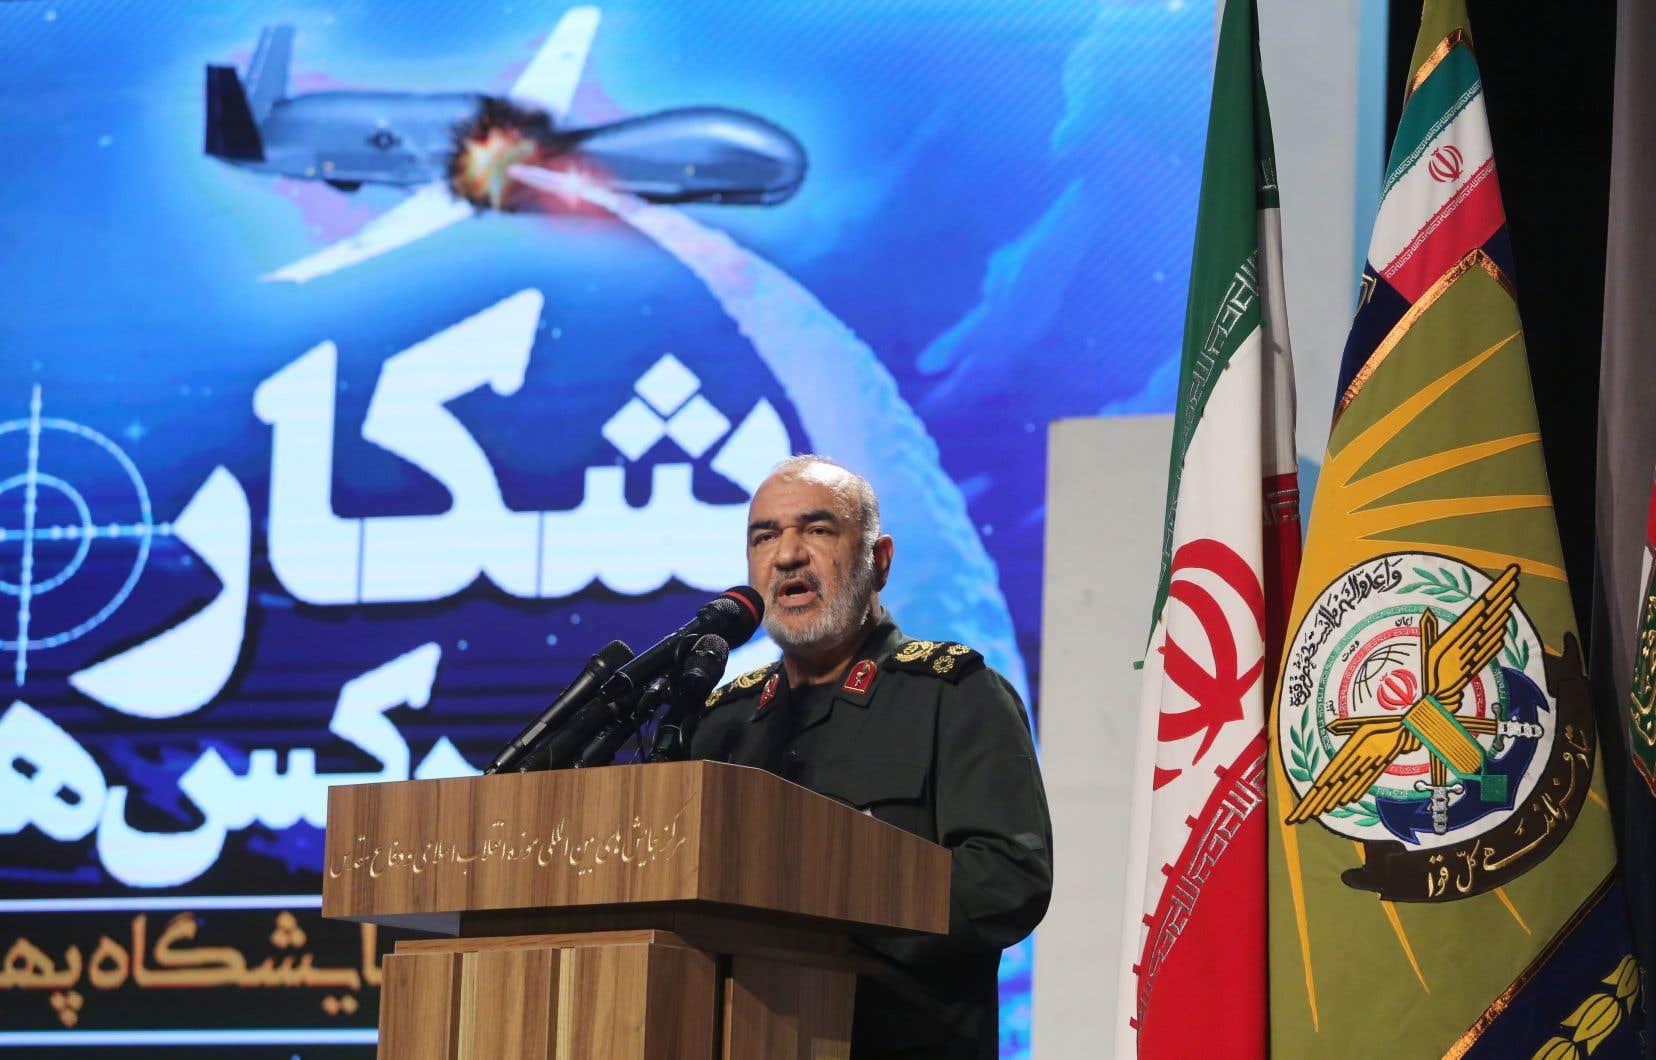 «Le chef des Gardiens de la révolution, Hossein Salami, a notamment déclaré que l'Iran avait la capacité d'annihiler Israël», souligne l'auteur.